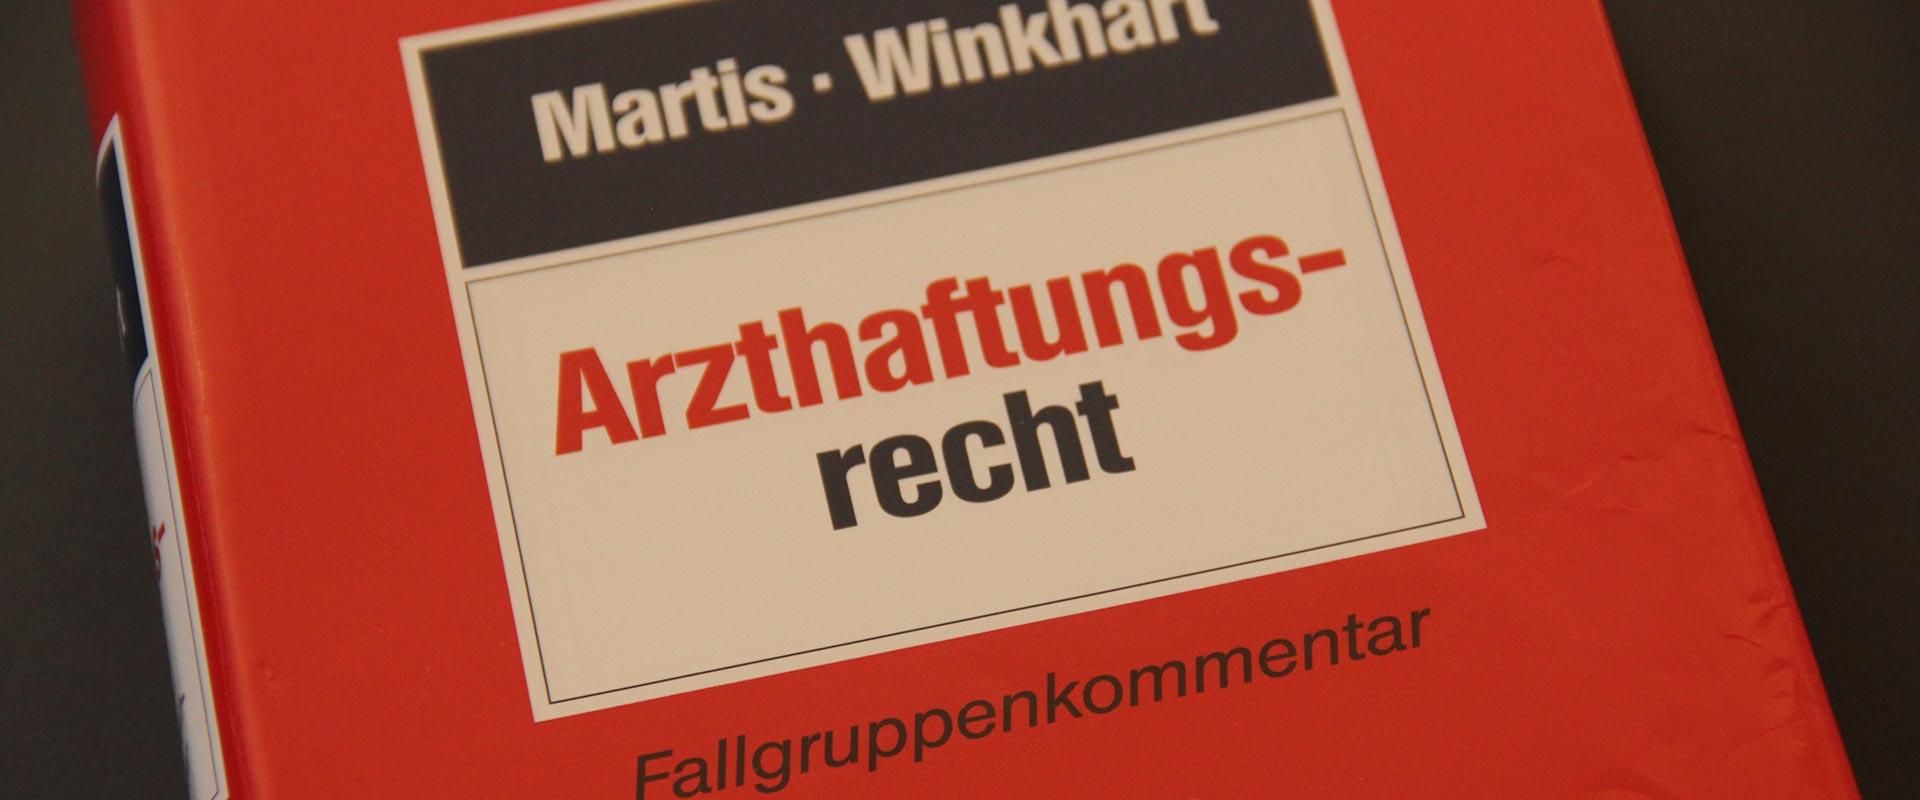 Arzthaftungsrecht bei Menter in Landshut